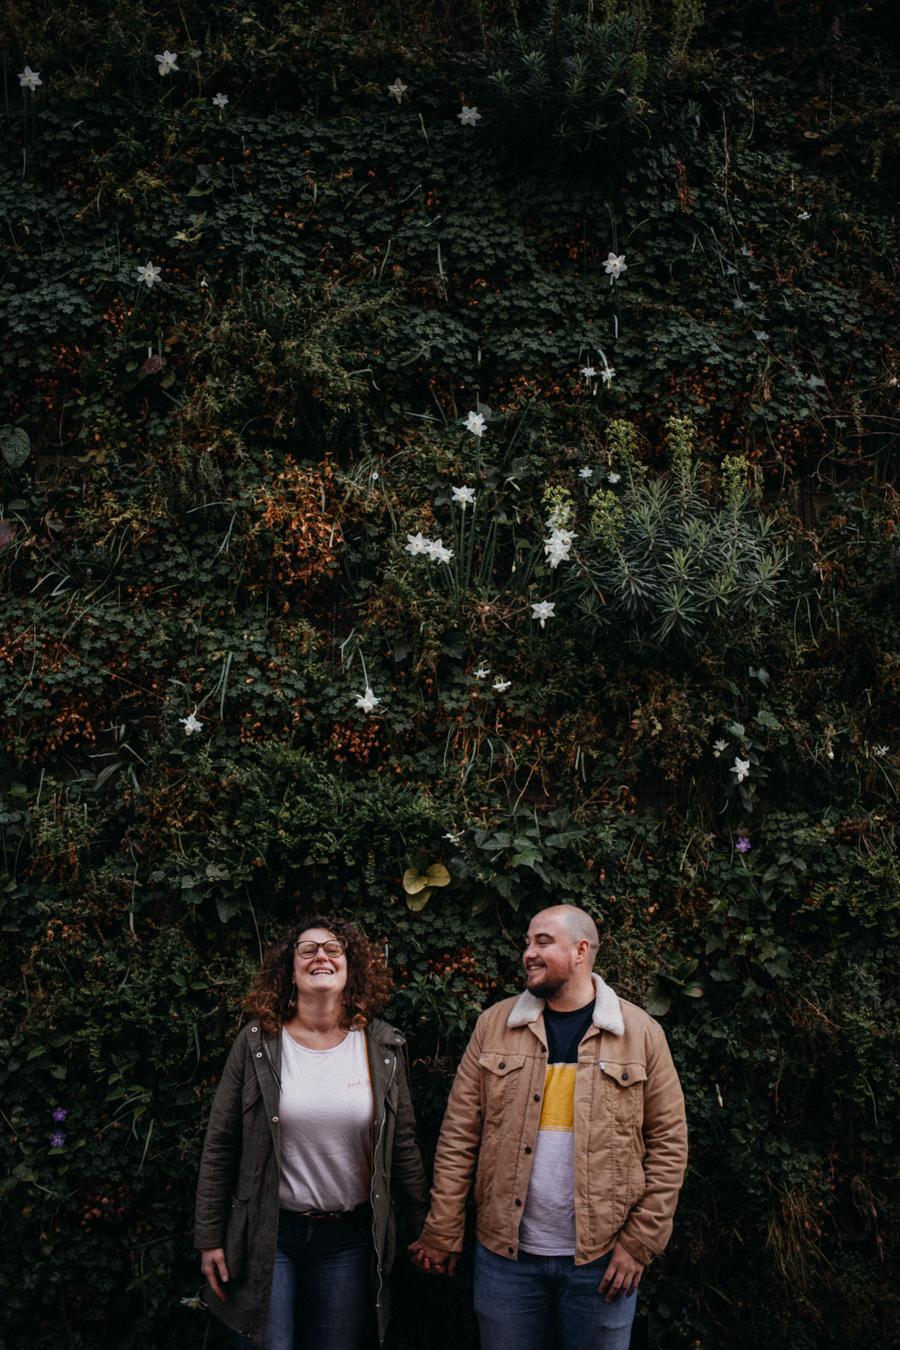 photographe love session engagement mariage couple amour Lyon soleil tag la croix rousse-18